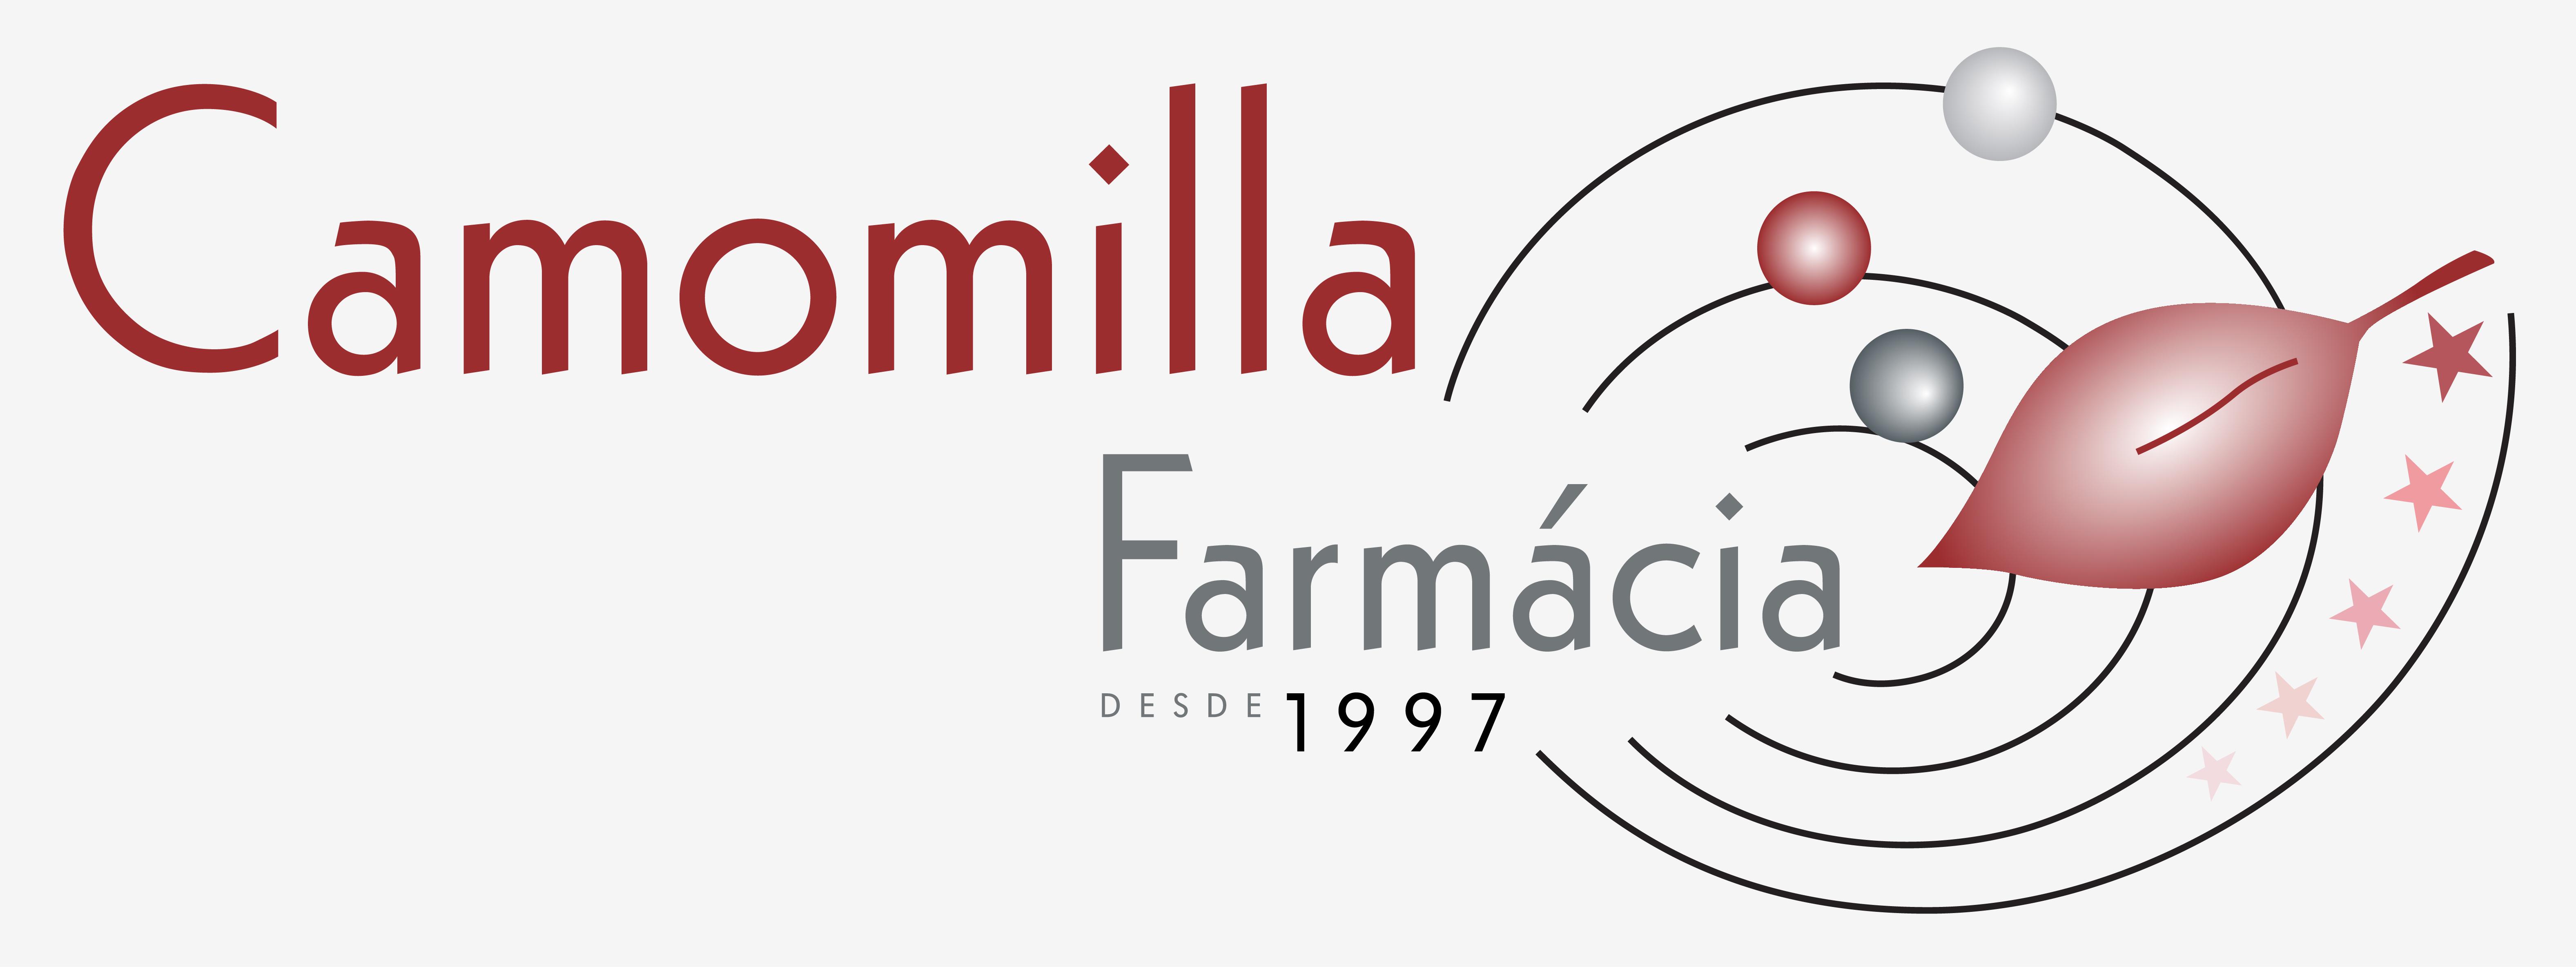 Farmacia Camomilla